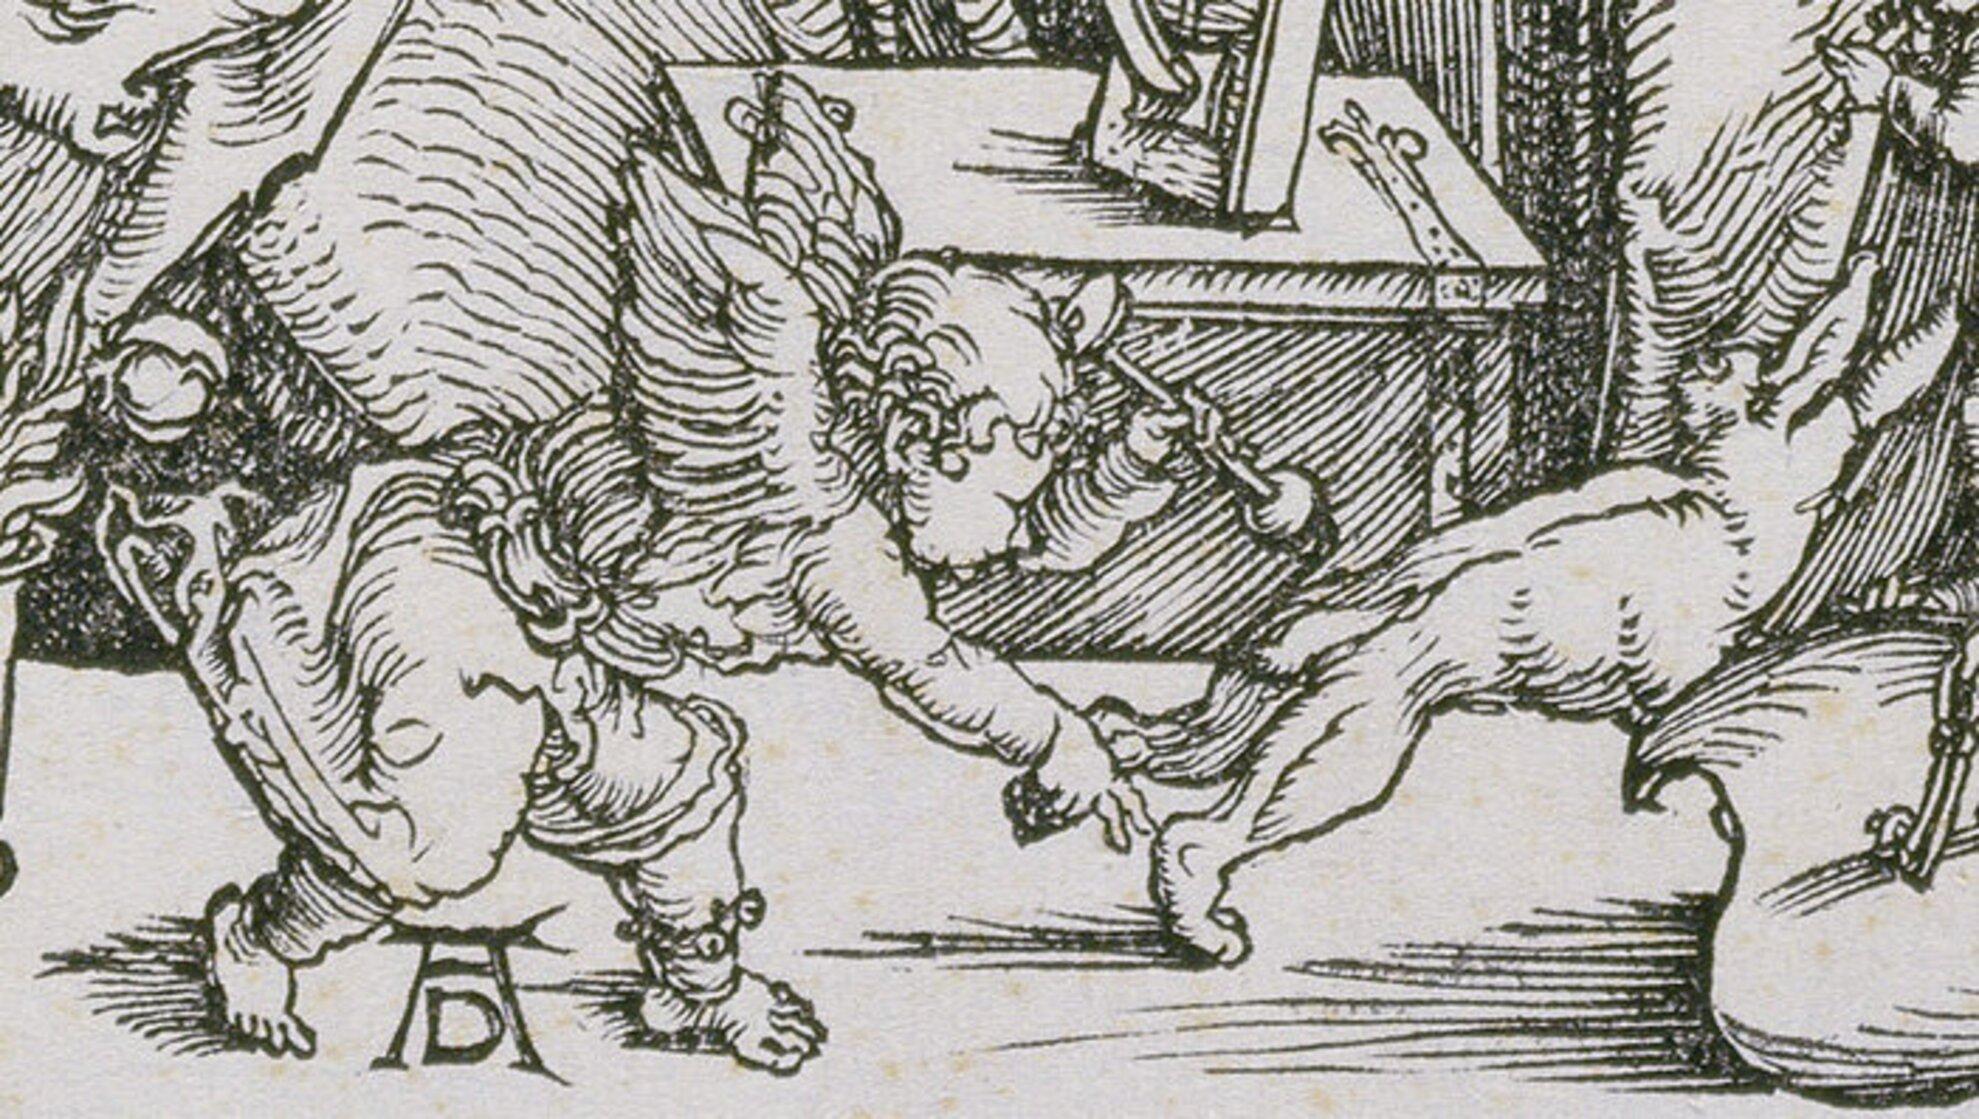 Dürer-metszetek a Szépművészeti Múzeum gyűjteményéből